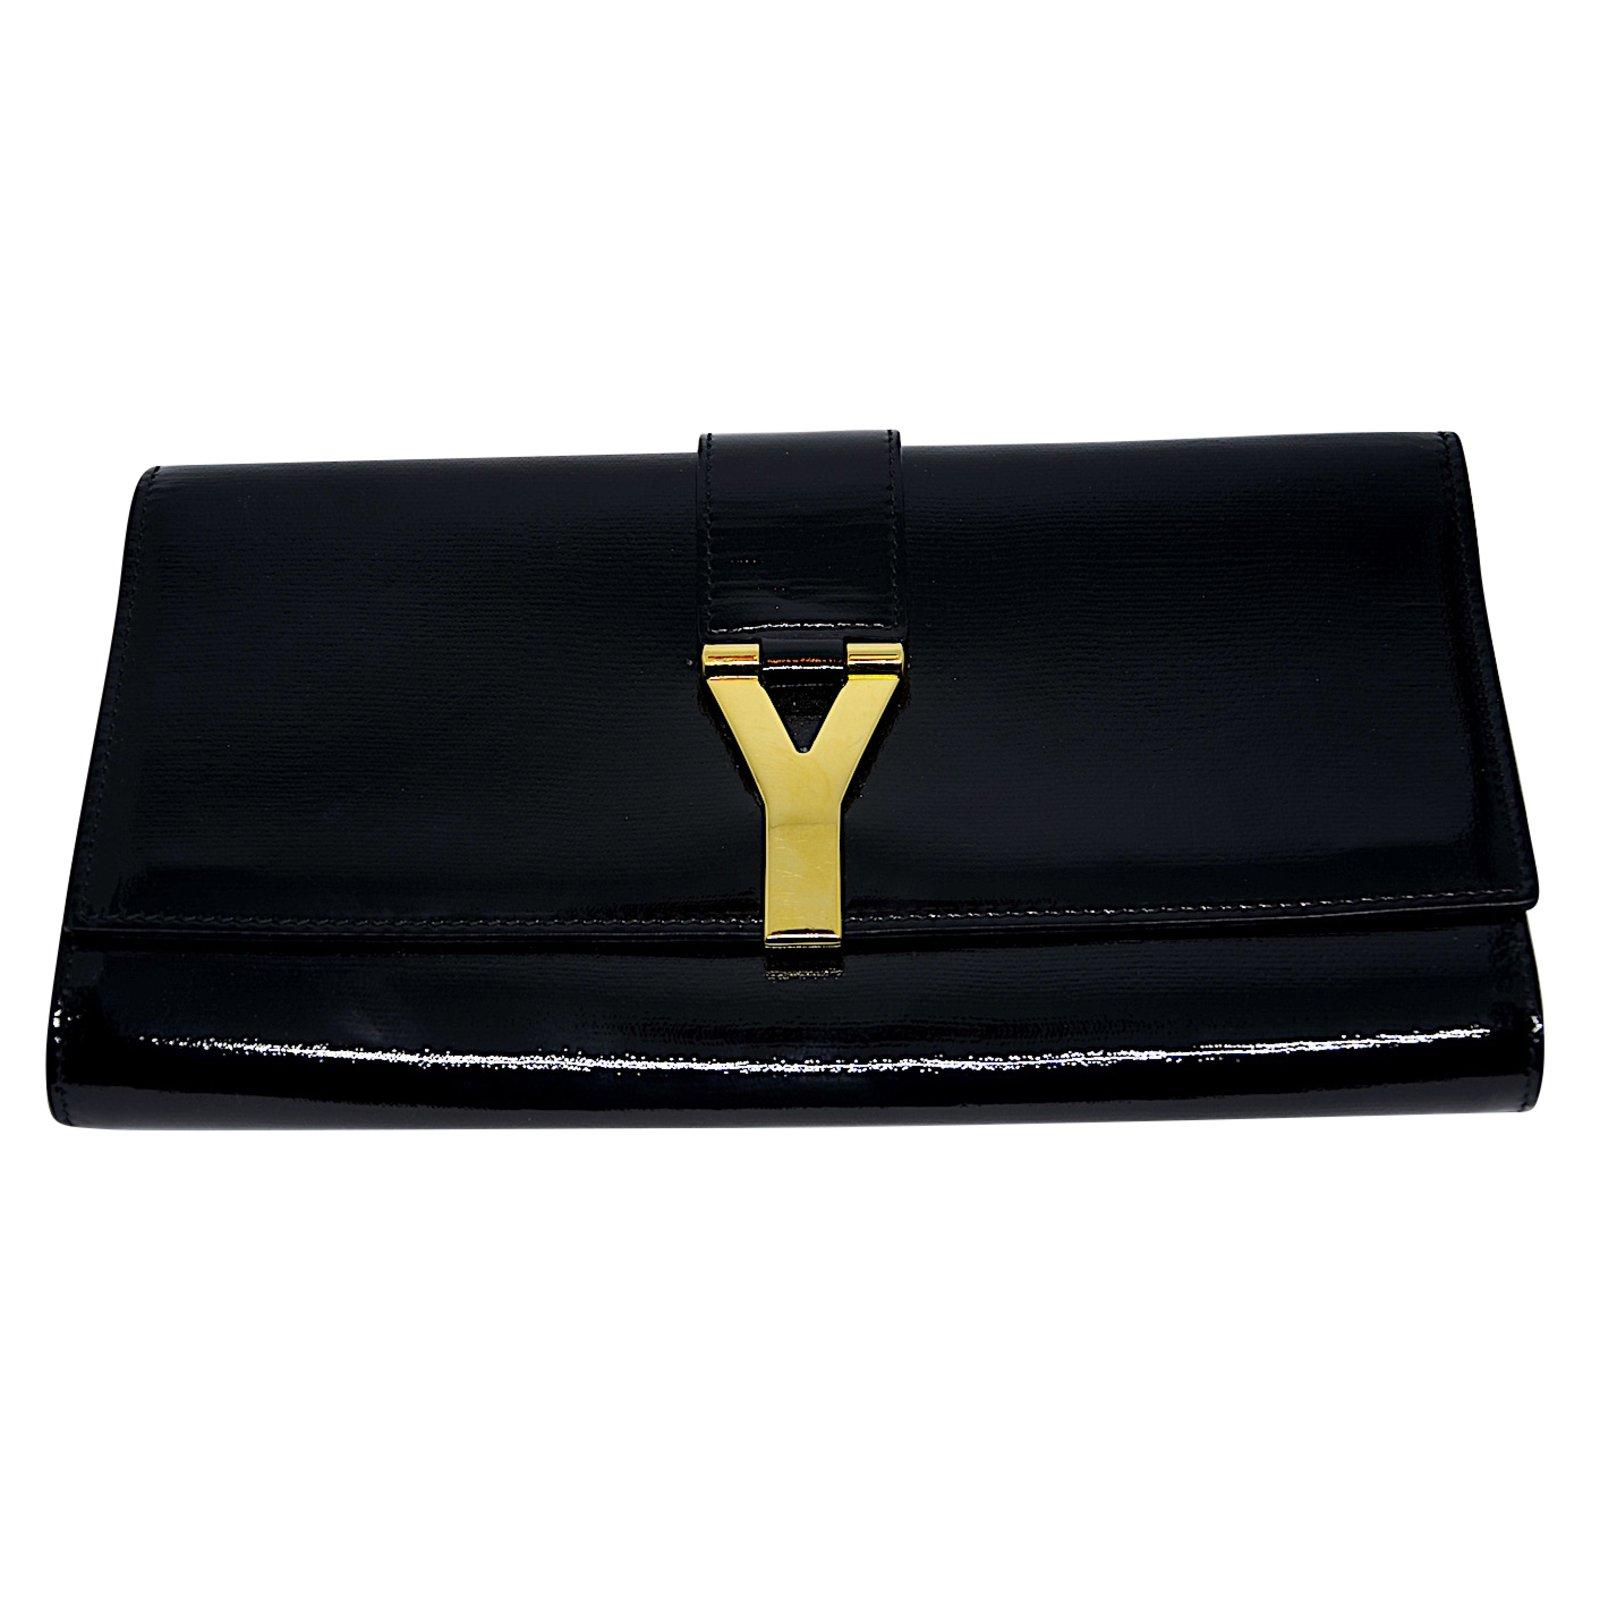 8390d7de311 Yves Saint Laurent Pochette Chyc Yves Saint Laurent Clutch bags Patent  leather Black ref.47079